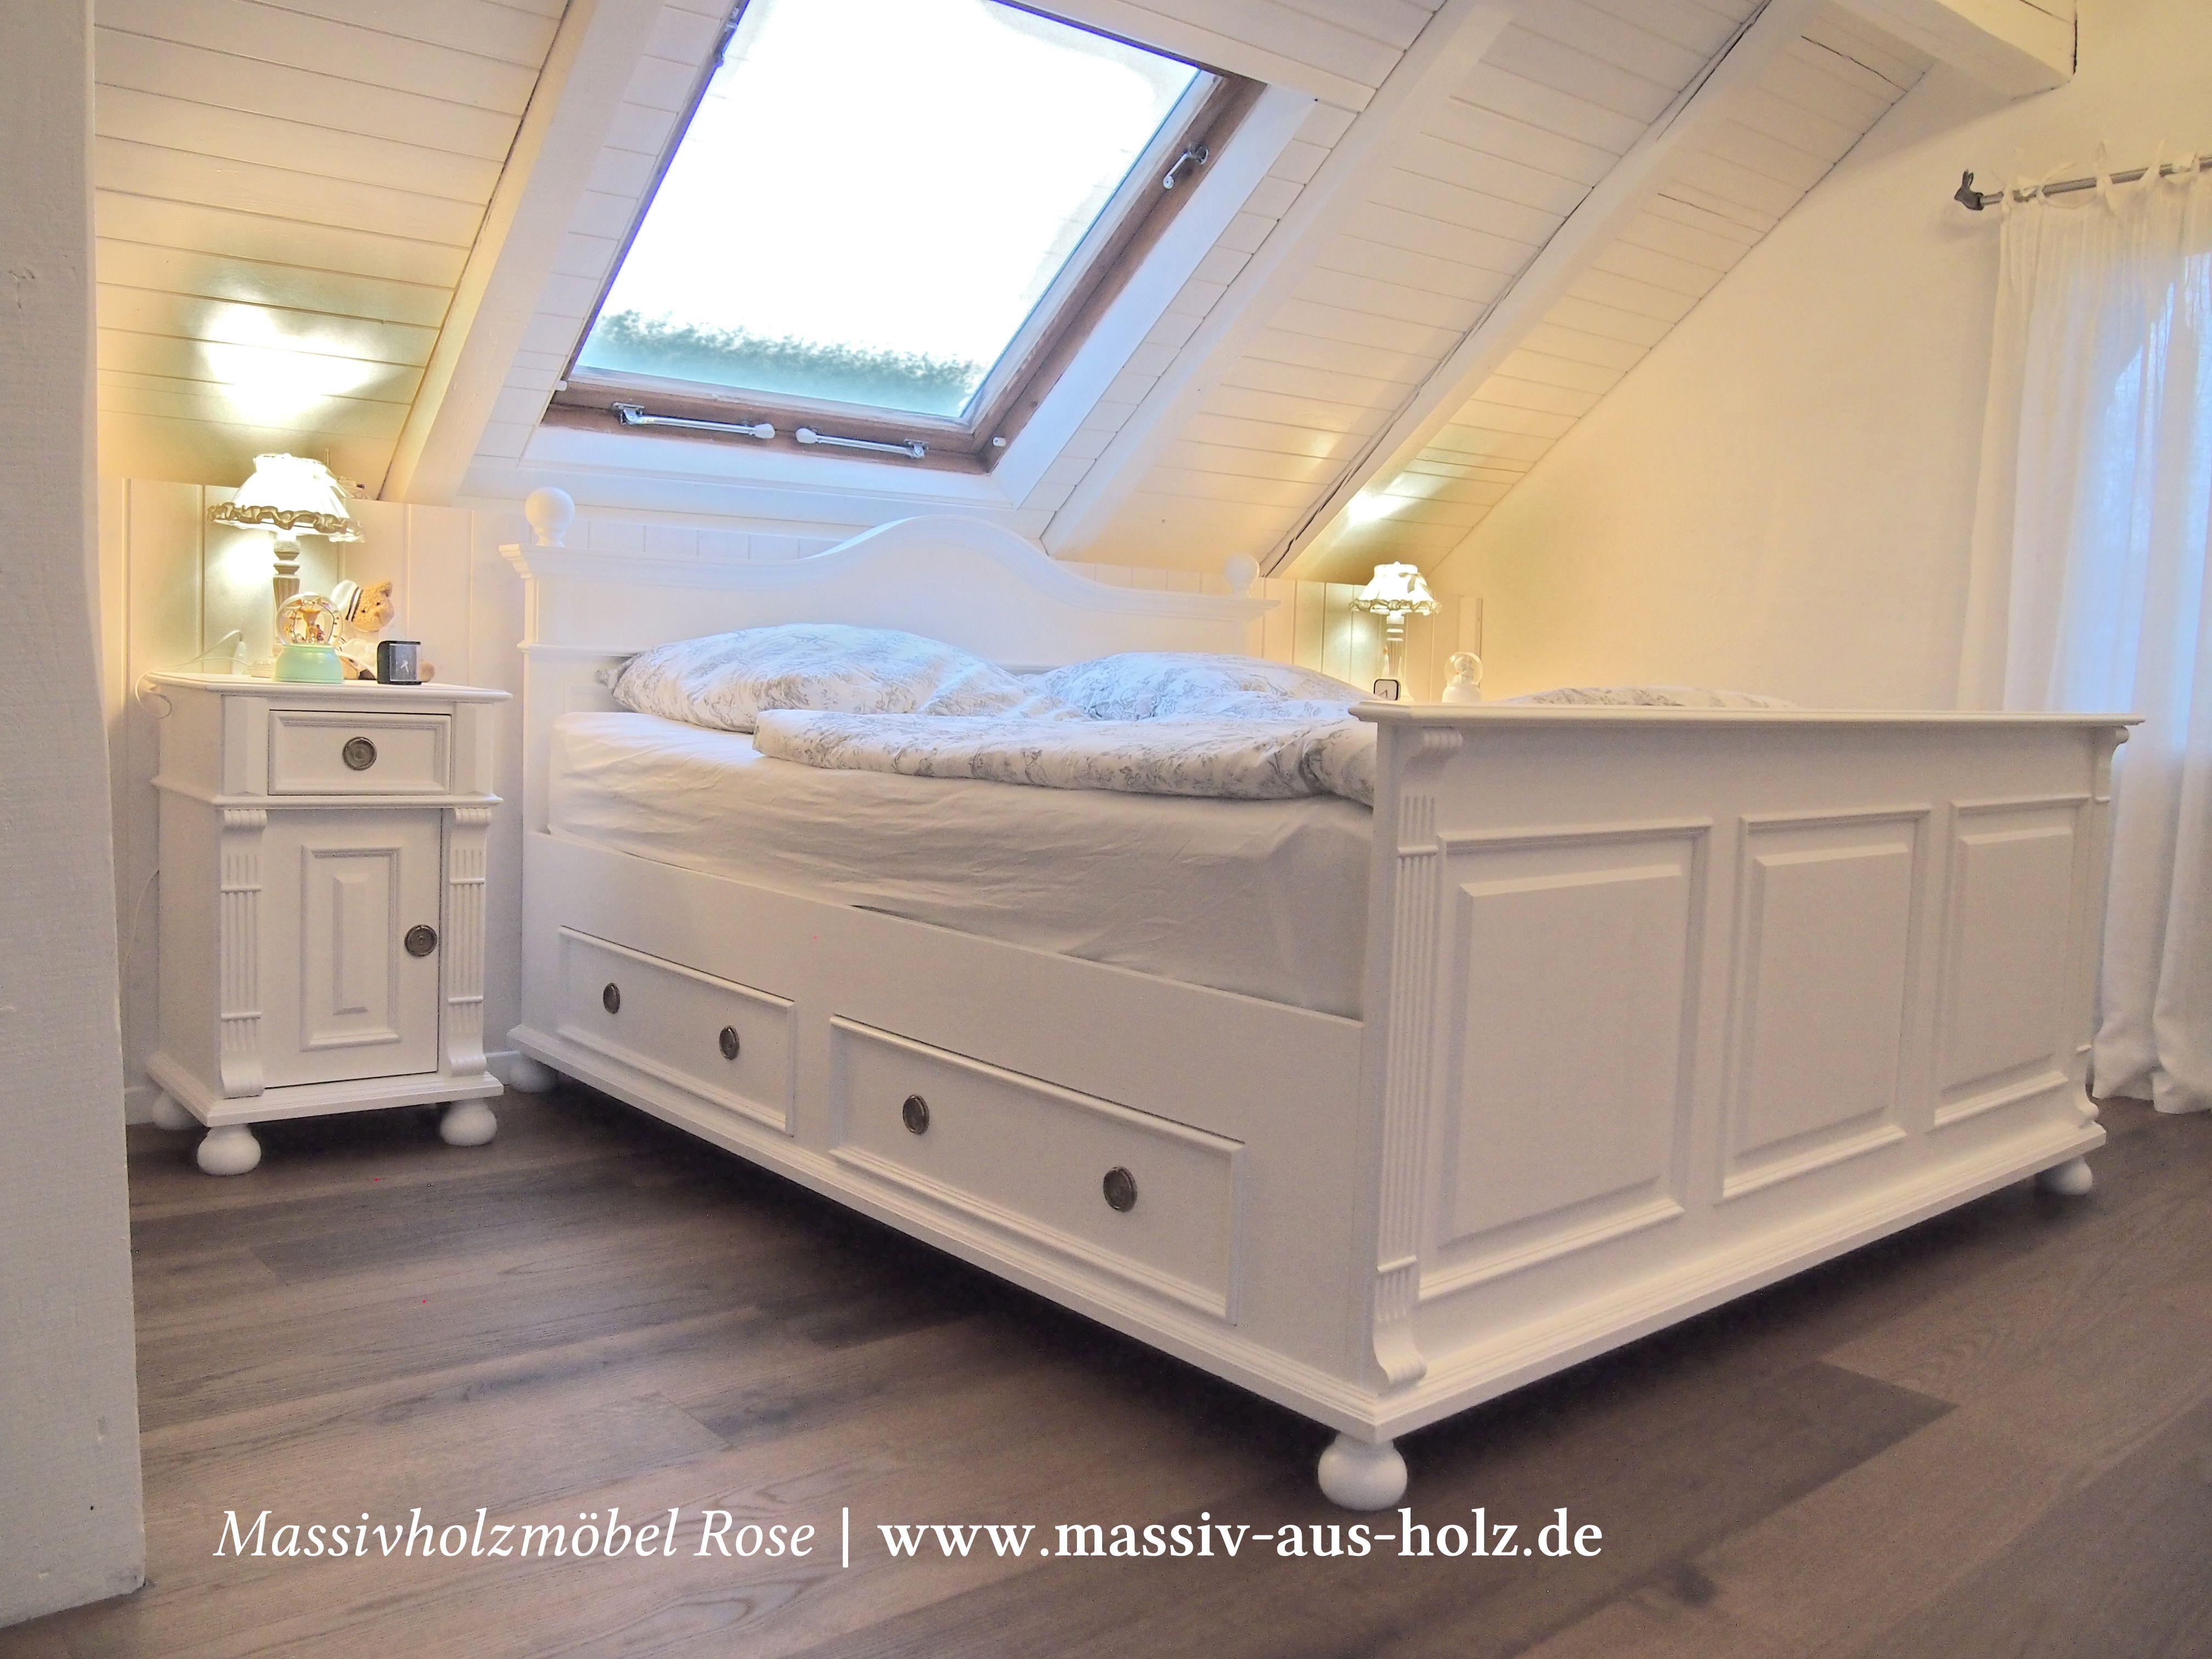 bett 160x200 weis landhaus, echte faszination für landhausbetten in weiß, www.massiv-aus-holz.de, Design ideen